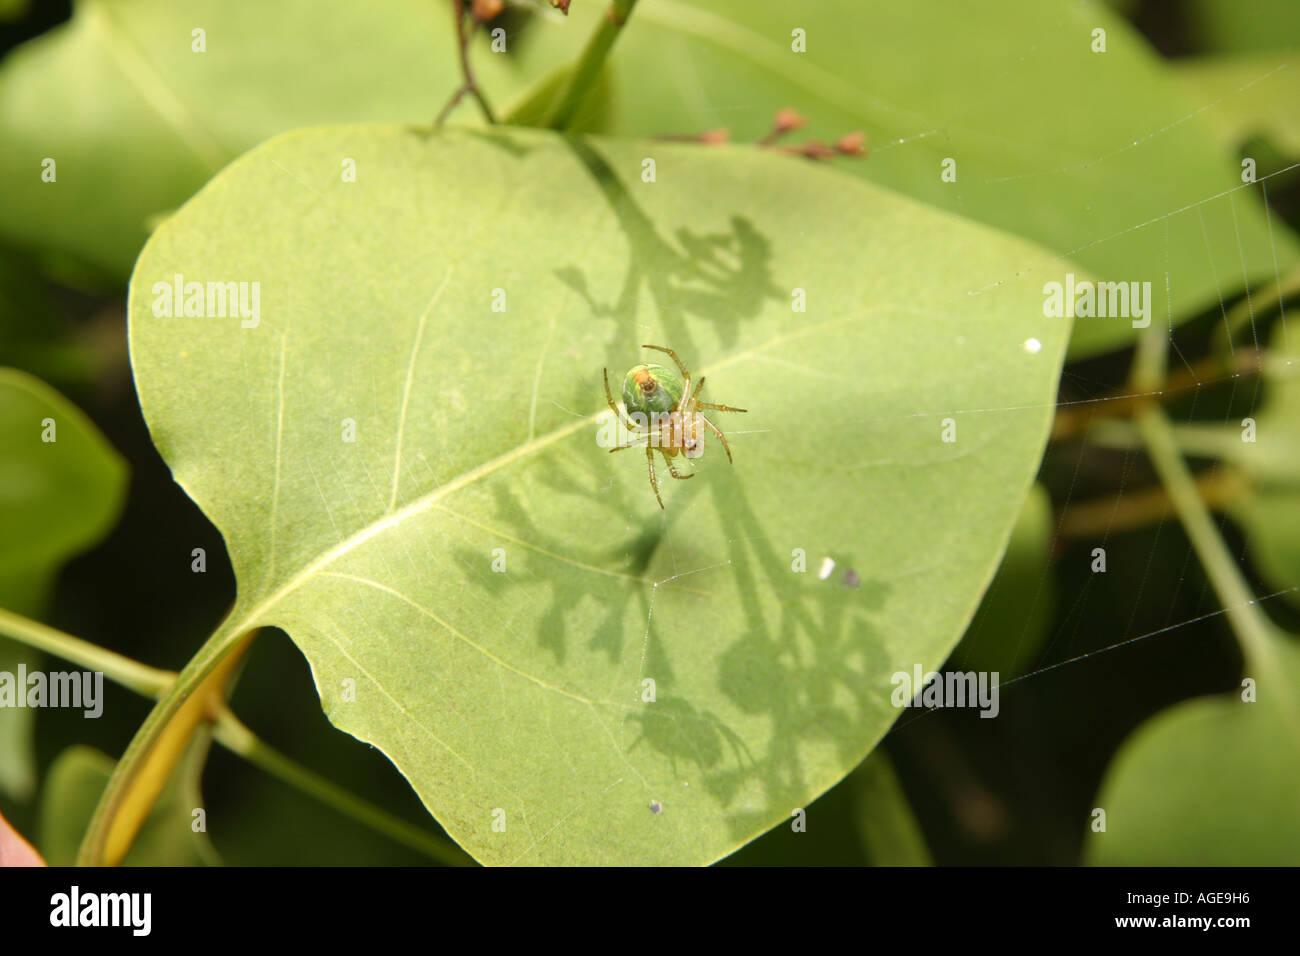 Cucumber Spider, Araniella Cucurbitina, in its web on a leafStock Photo